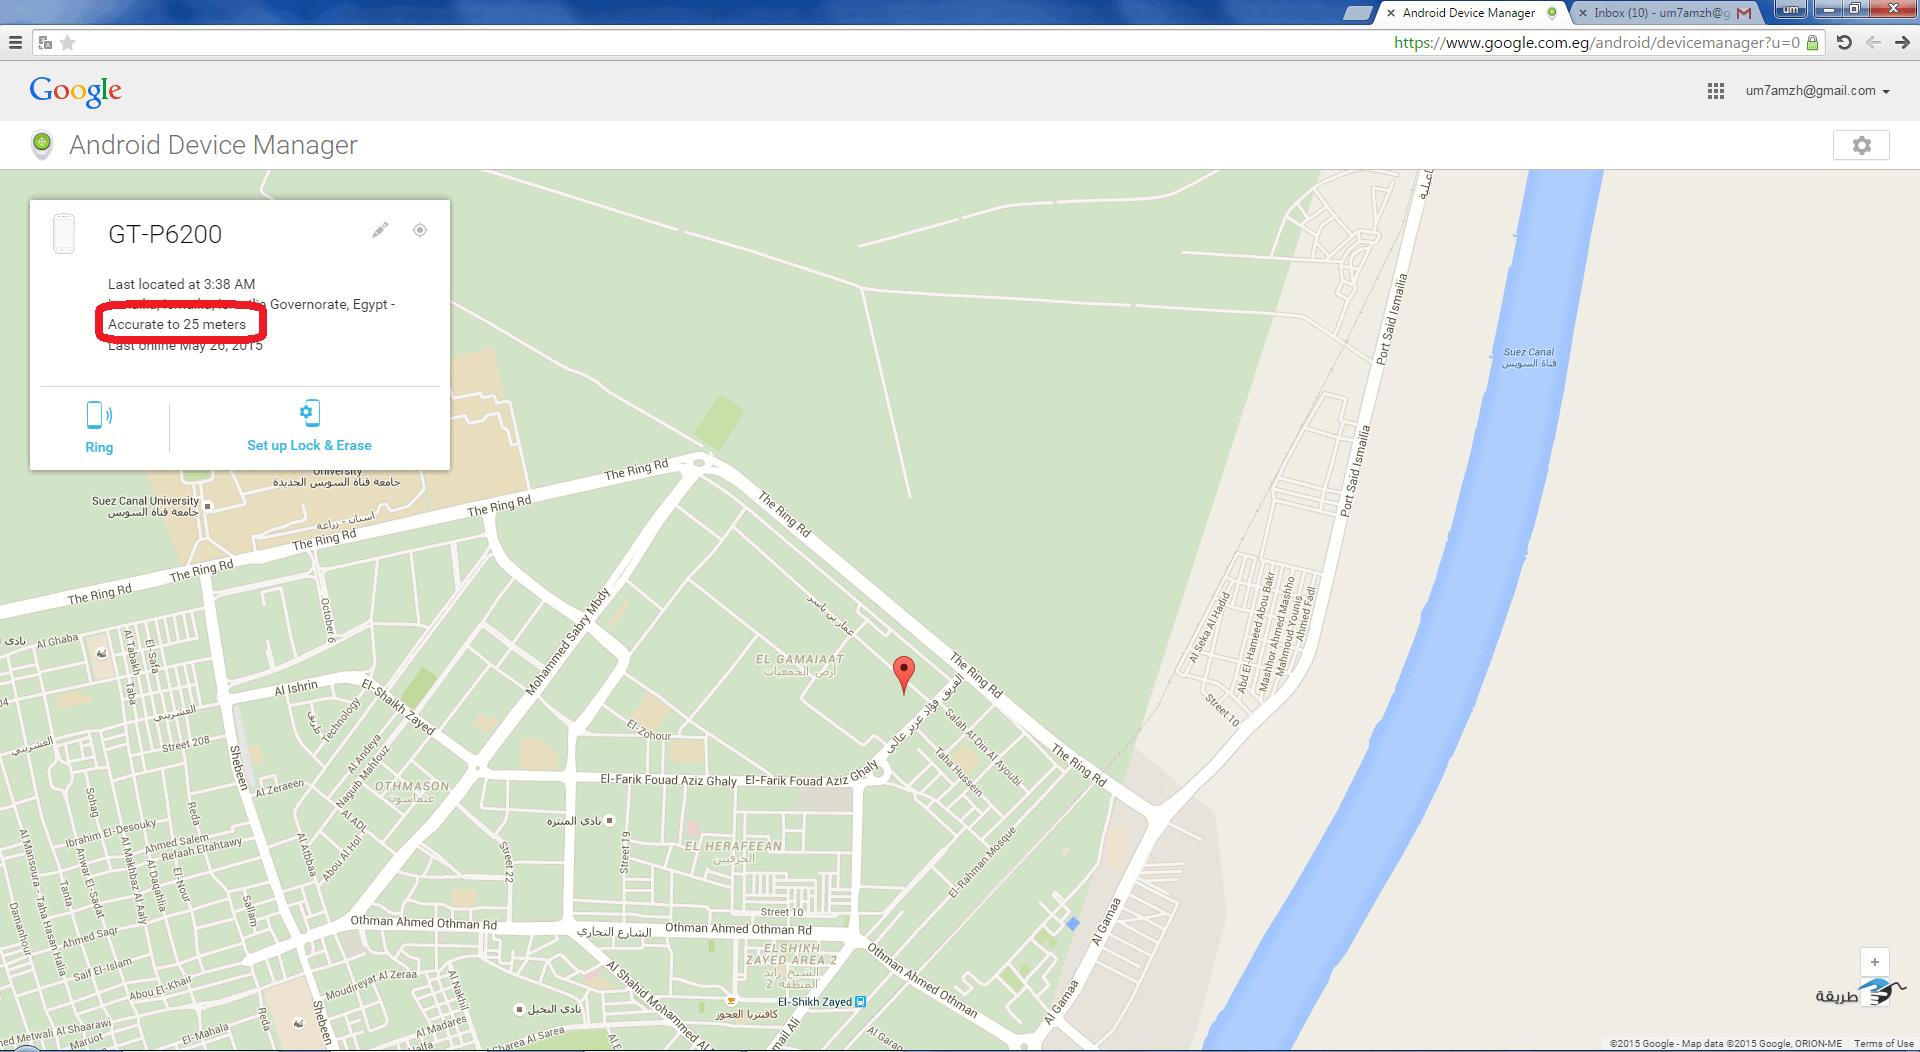 جهاز الأندرويد على الخريطة